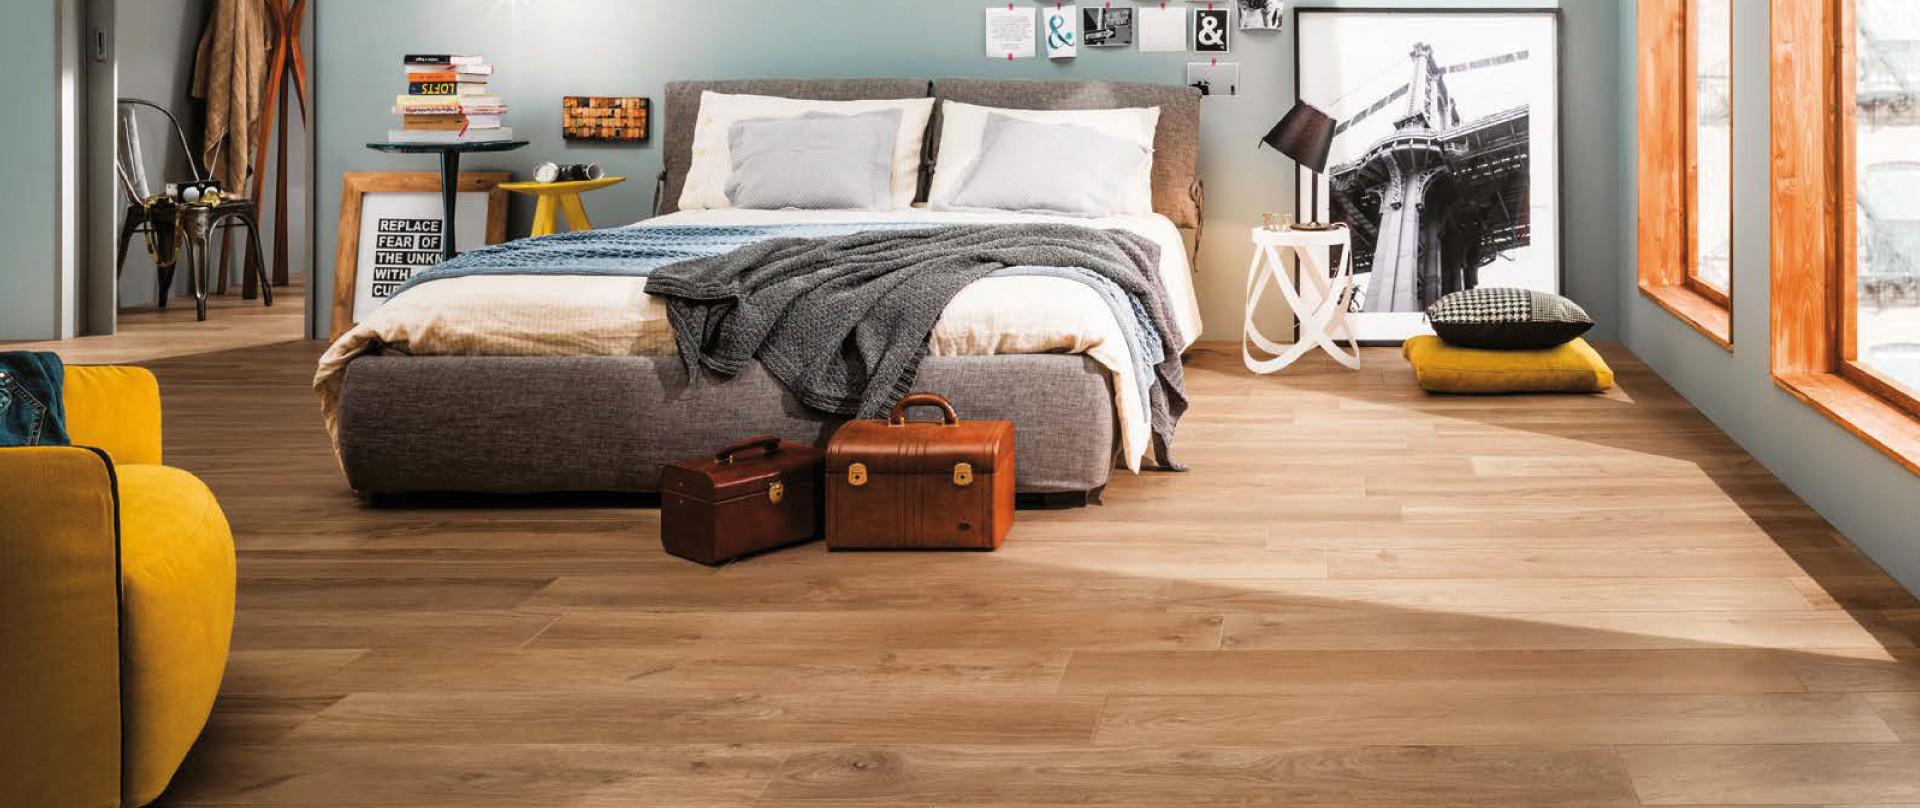 Pavimento-legno-miroma-ceramiche-aversa-caserta-napoli